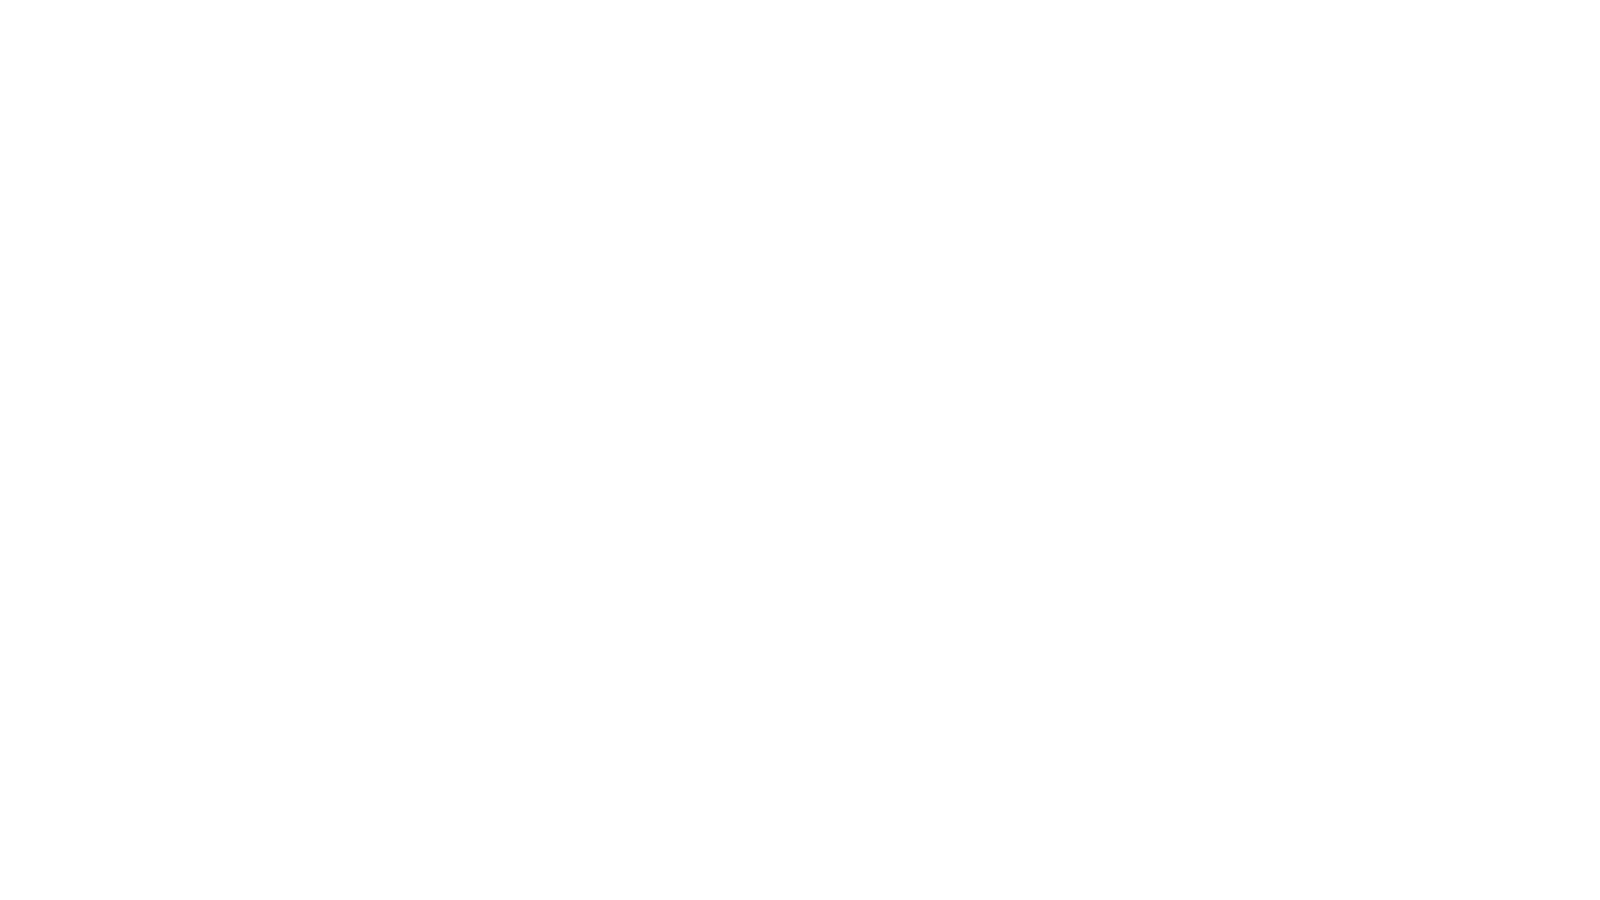 On part découvrir le nouveau spectacle La Fabrique des Rêves qui se déroule au Studio D, des Walt Disney Studios à Disneyland Paris.  💻POUR NOUS SUIVRE :  °° Le blog pour y retrouver des articles sur les hôtels, les restaurants, les différents événements sur le parc, et des infos pratiques : http://racontemoidisneyland.com/  °° Facebook : https://www.facebook.com/racontemoidisneyland  °° Instagram : https://www.instagram.com/raconte_moi_disneyland  📷 NOTRE MATERIEL :  °°Canon EOS 6D : https://amzn.to/2LDUDaK  °°Tamron 24-70 2.8 : https://amzn.to/2Vz2ElT  °°Canon 50mm 1.4  : https://amzn.to/2VwkpCq  °°Canon 70-200 mm 4.0 : https://amzn.to/2LE2k0U  °°Trepied Manfrotto :  https://amzn.to/2LEbKcH